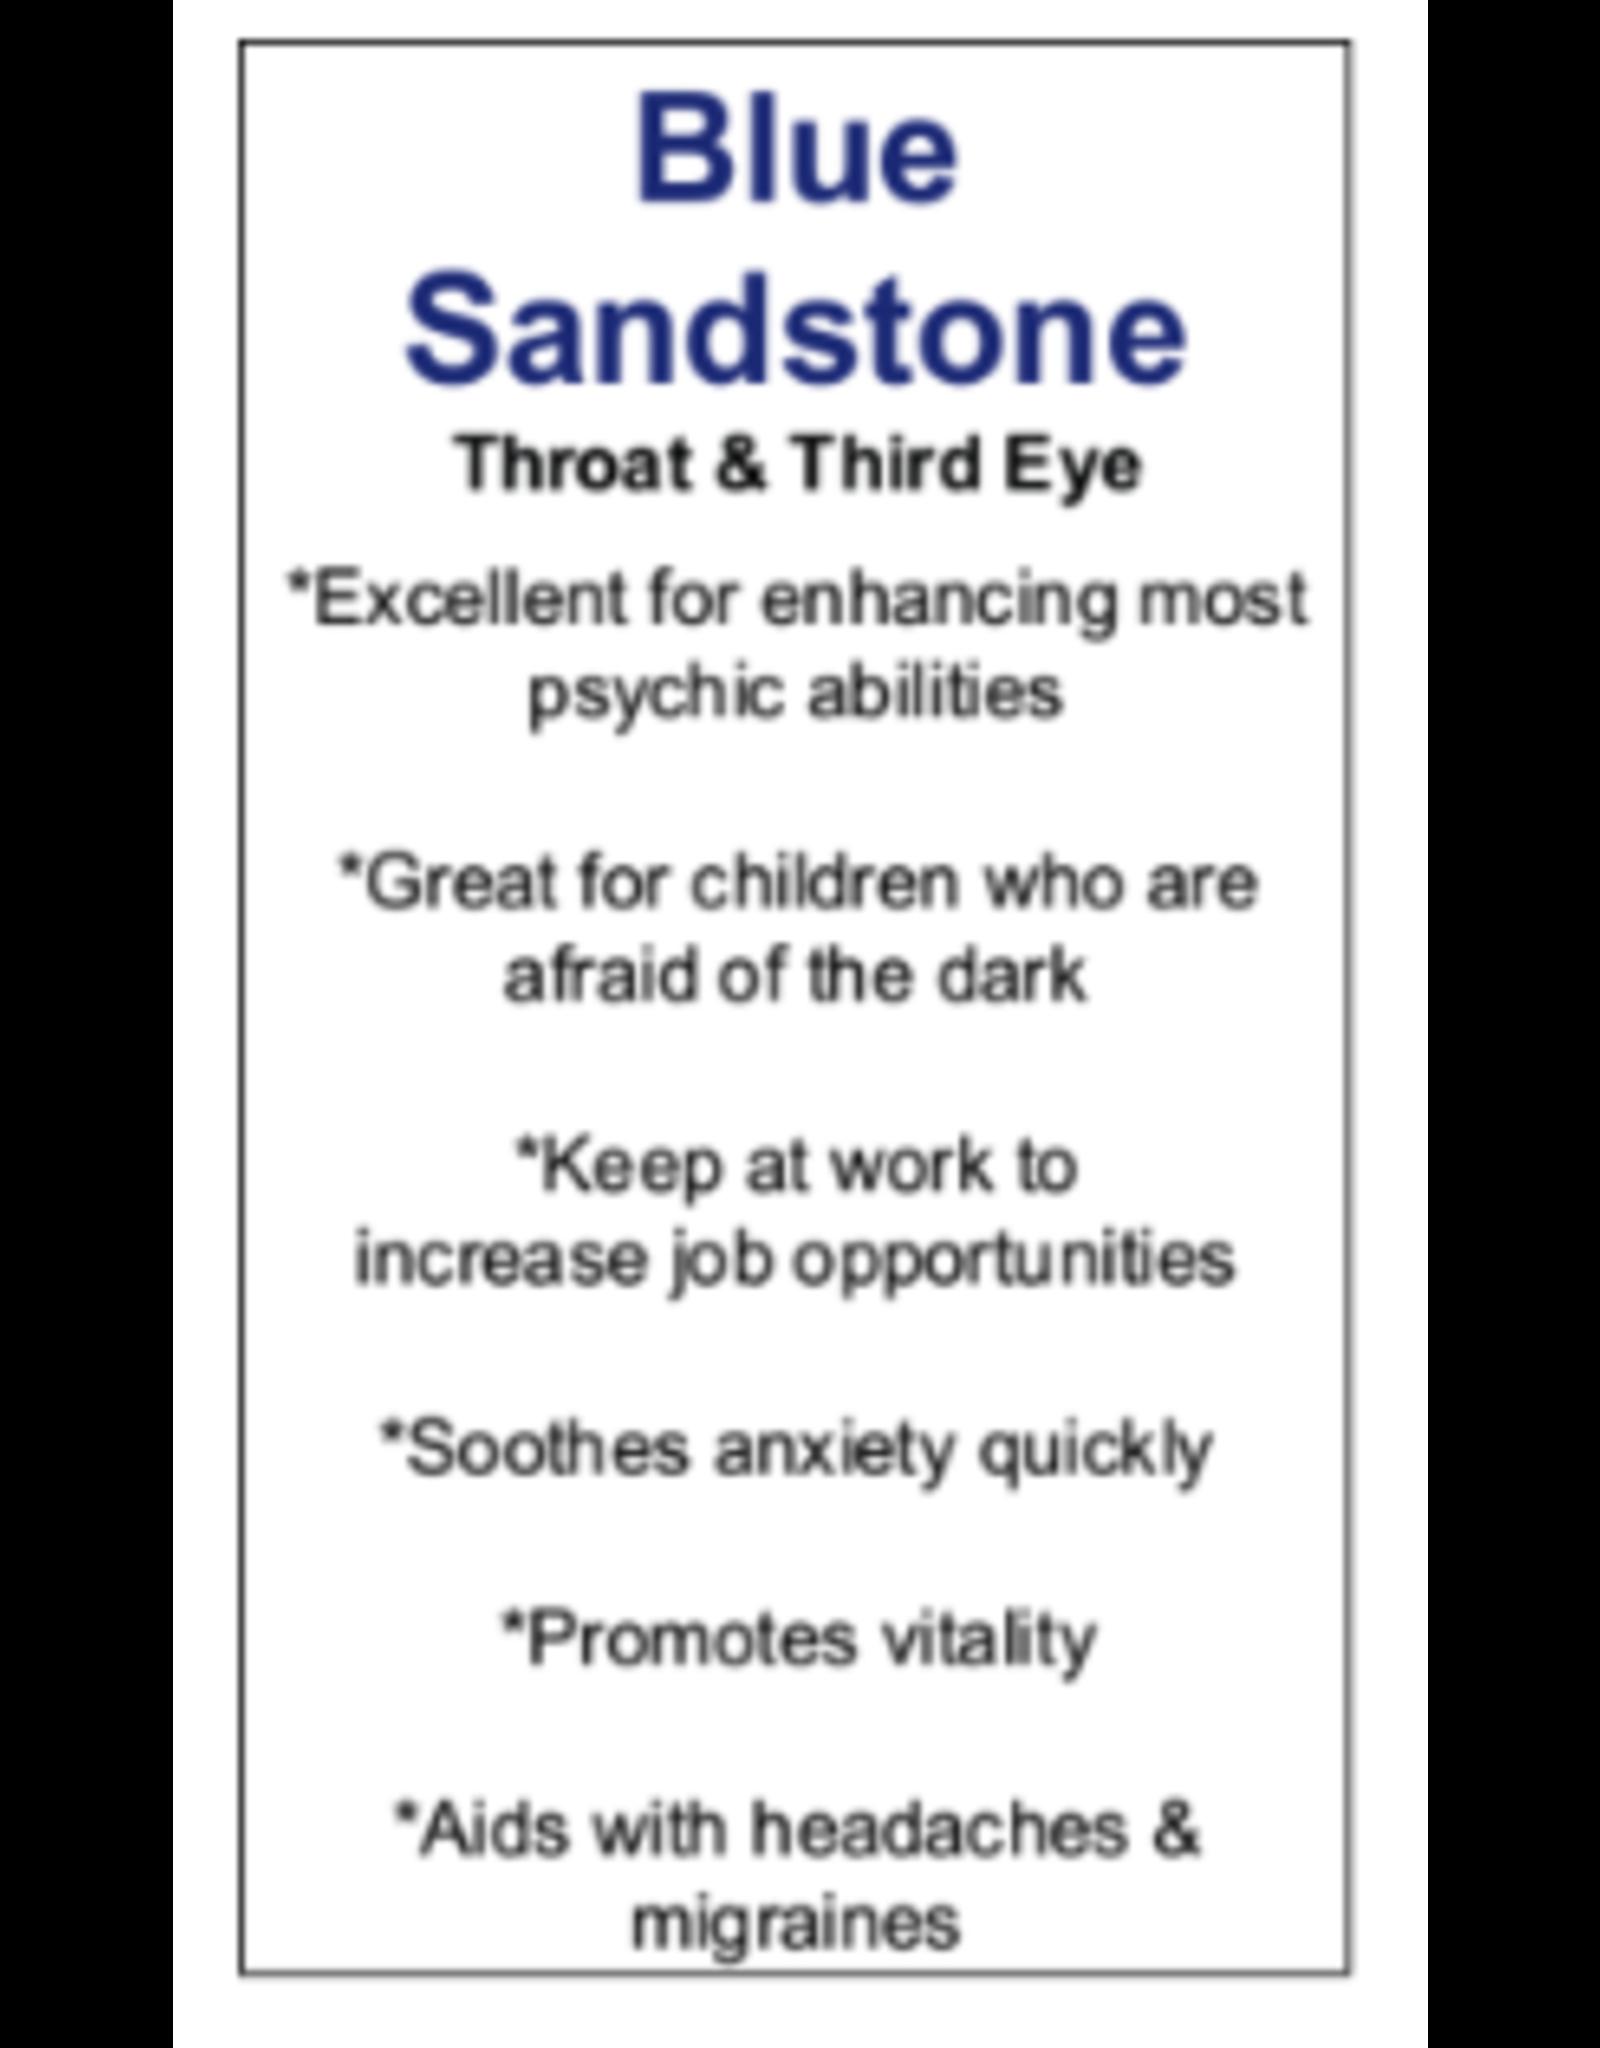 Blue Goldstone/Sandstone Rosette